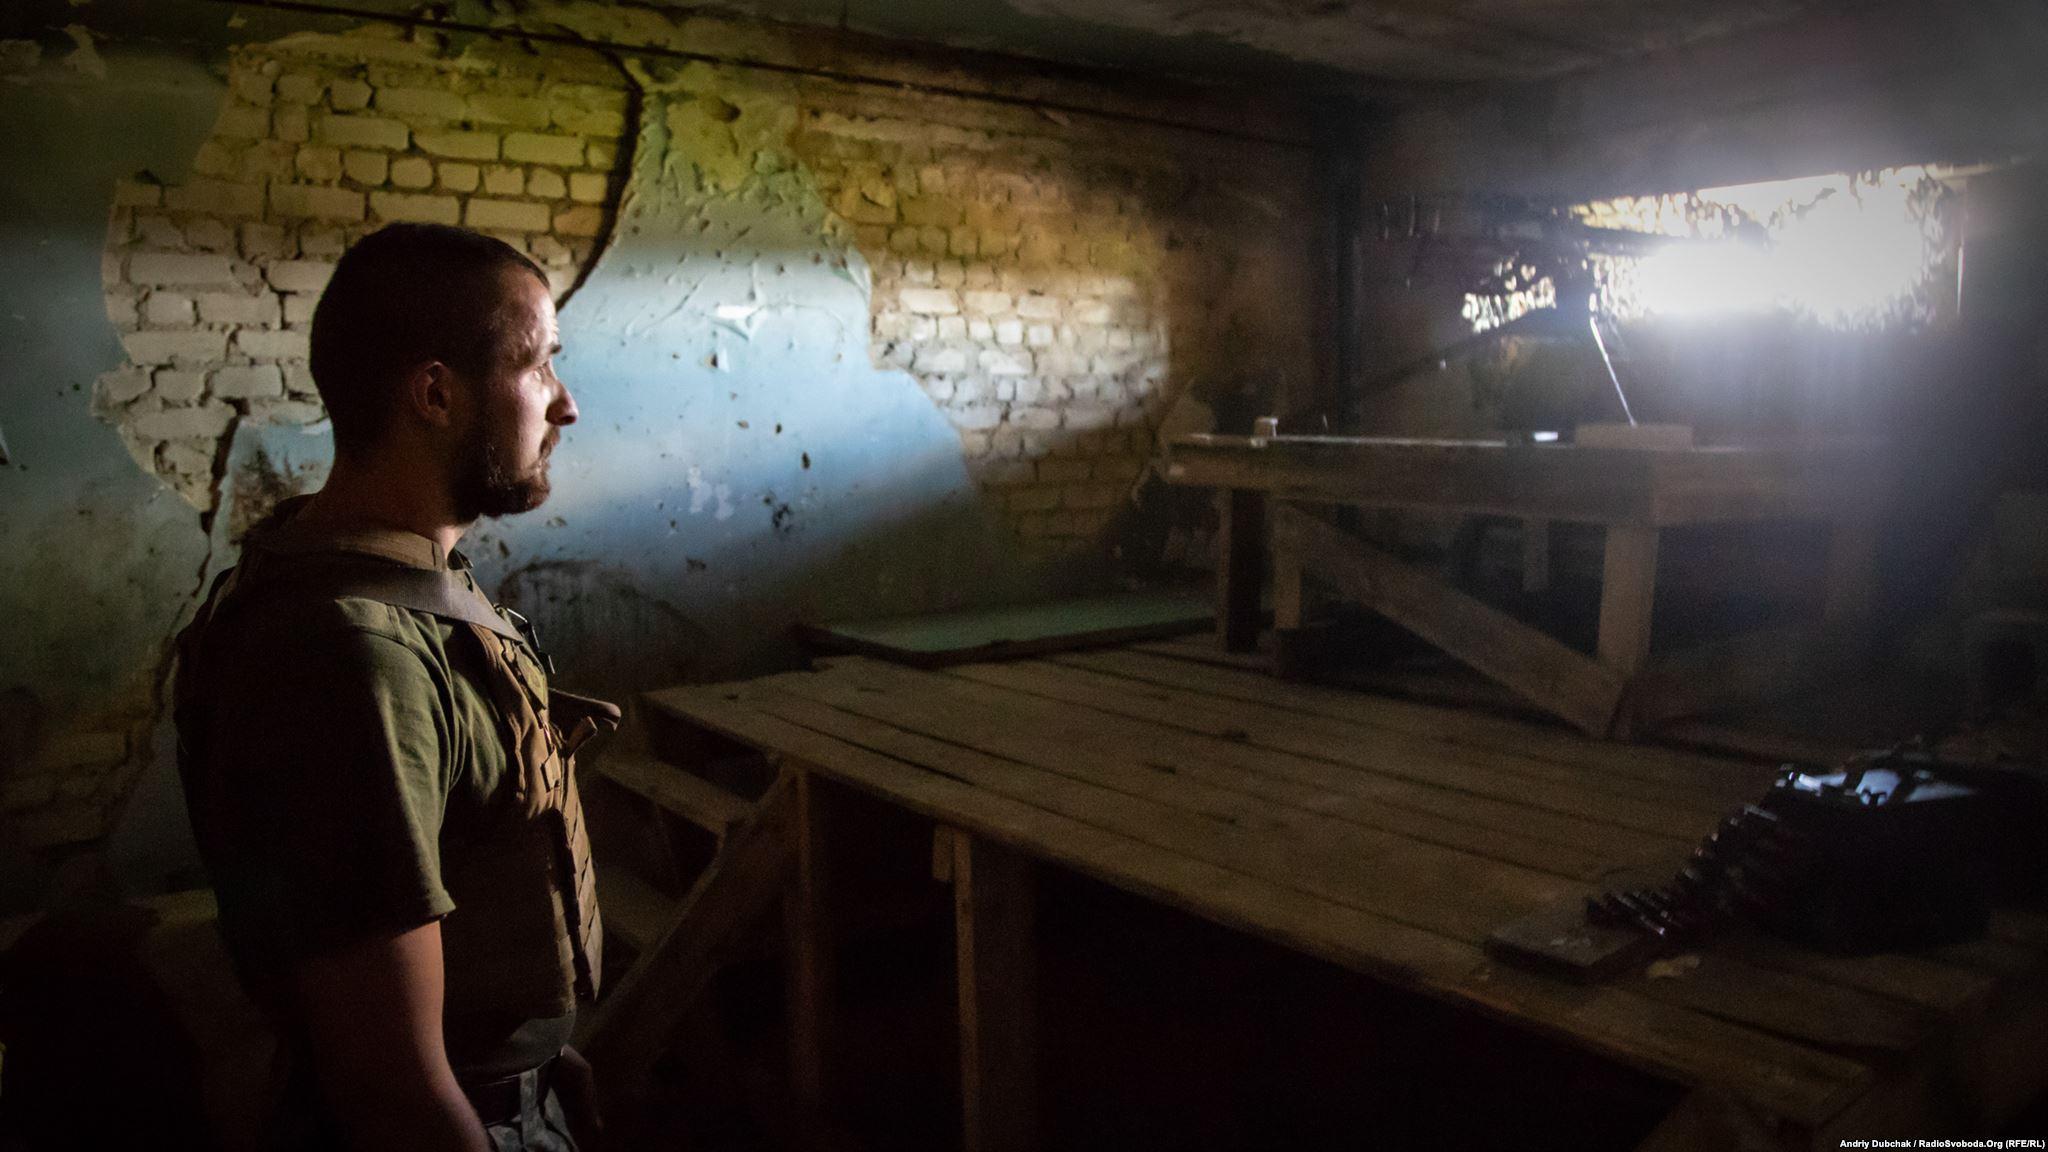 Останні пару тижнів на цій ділянці фронту досить «тихо» (без артобстрілів). На фото – вояк з позивним «Паштет» чергує на одній з вогневих позицій, обладнаній кулеметом ДШК (12,7-міліметровий станковий кулемет Дегтярьова-Шпагіна зразка 1938 року) (Ukraine war photographer Andriy Dubchak)